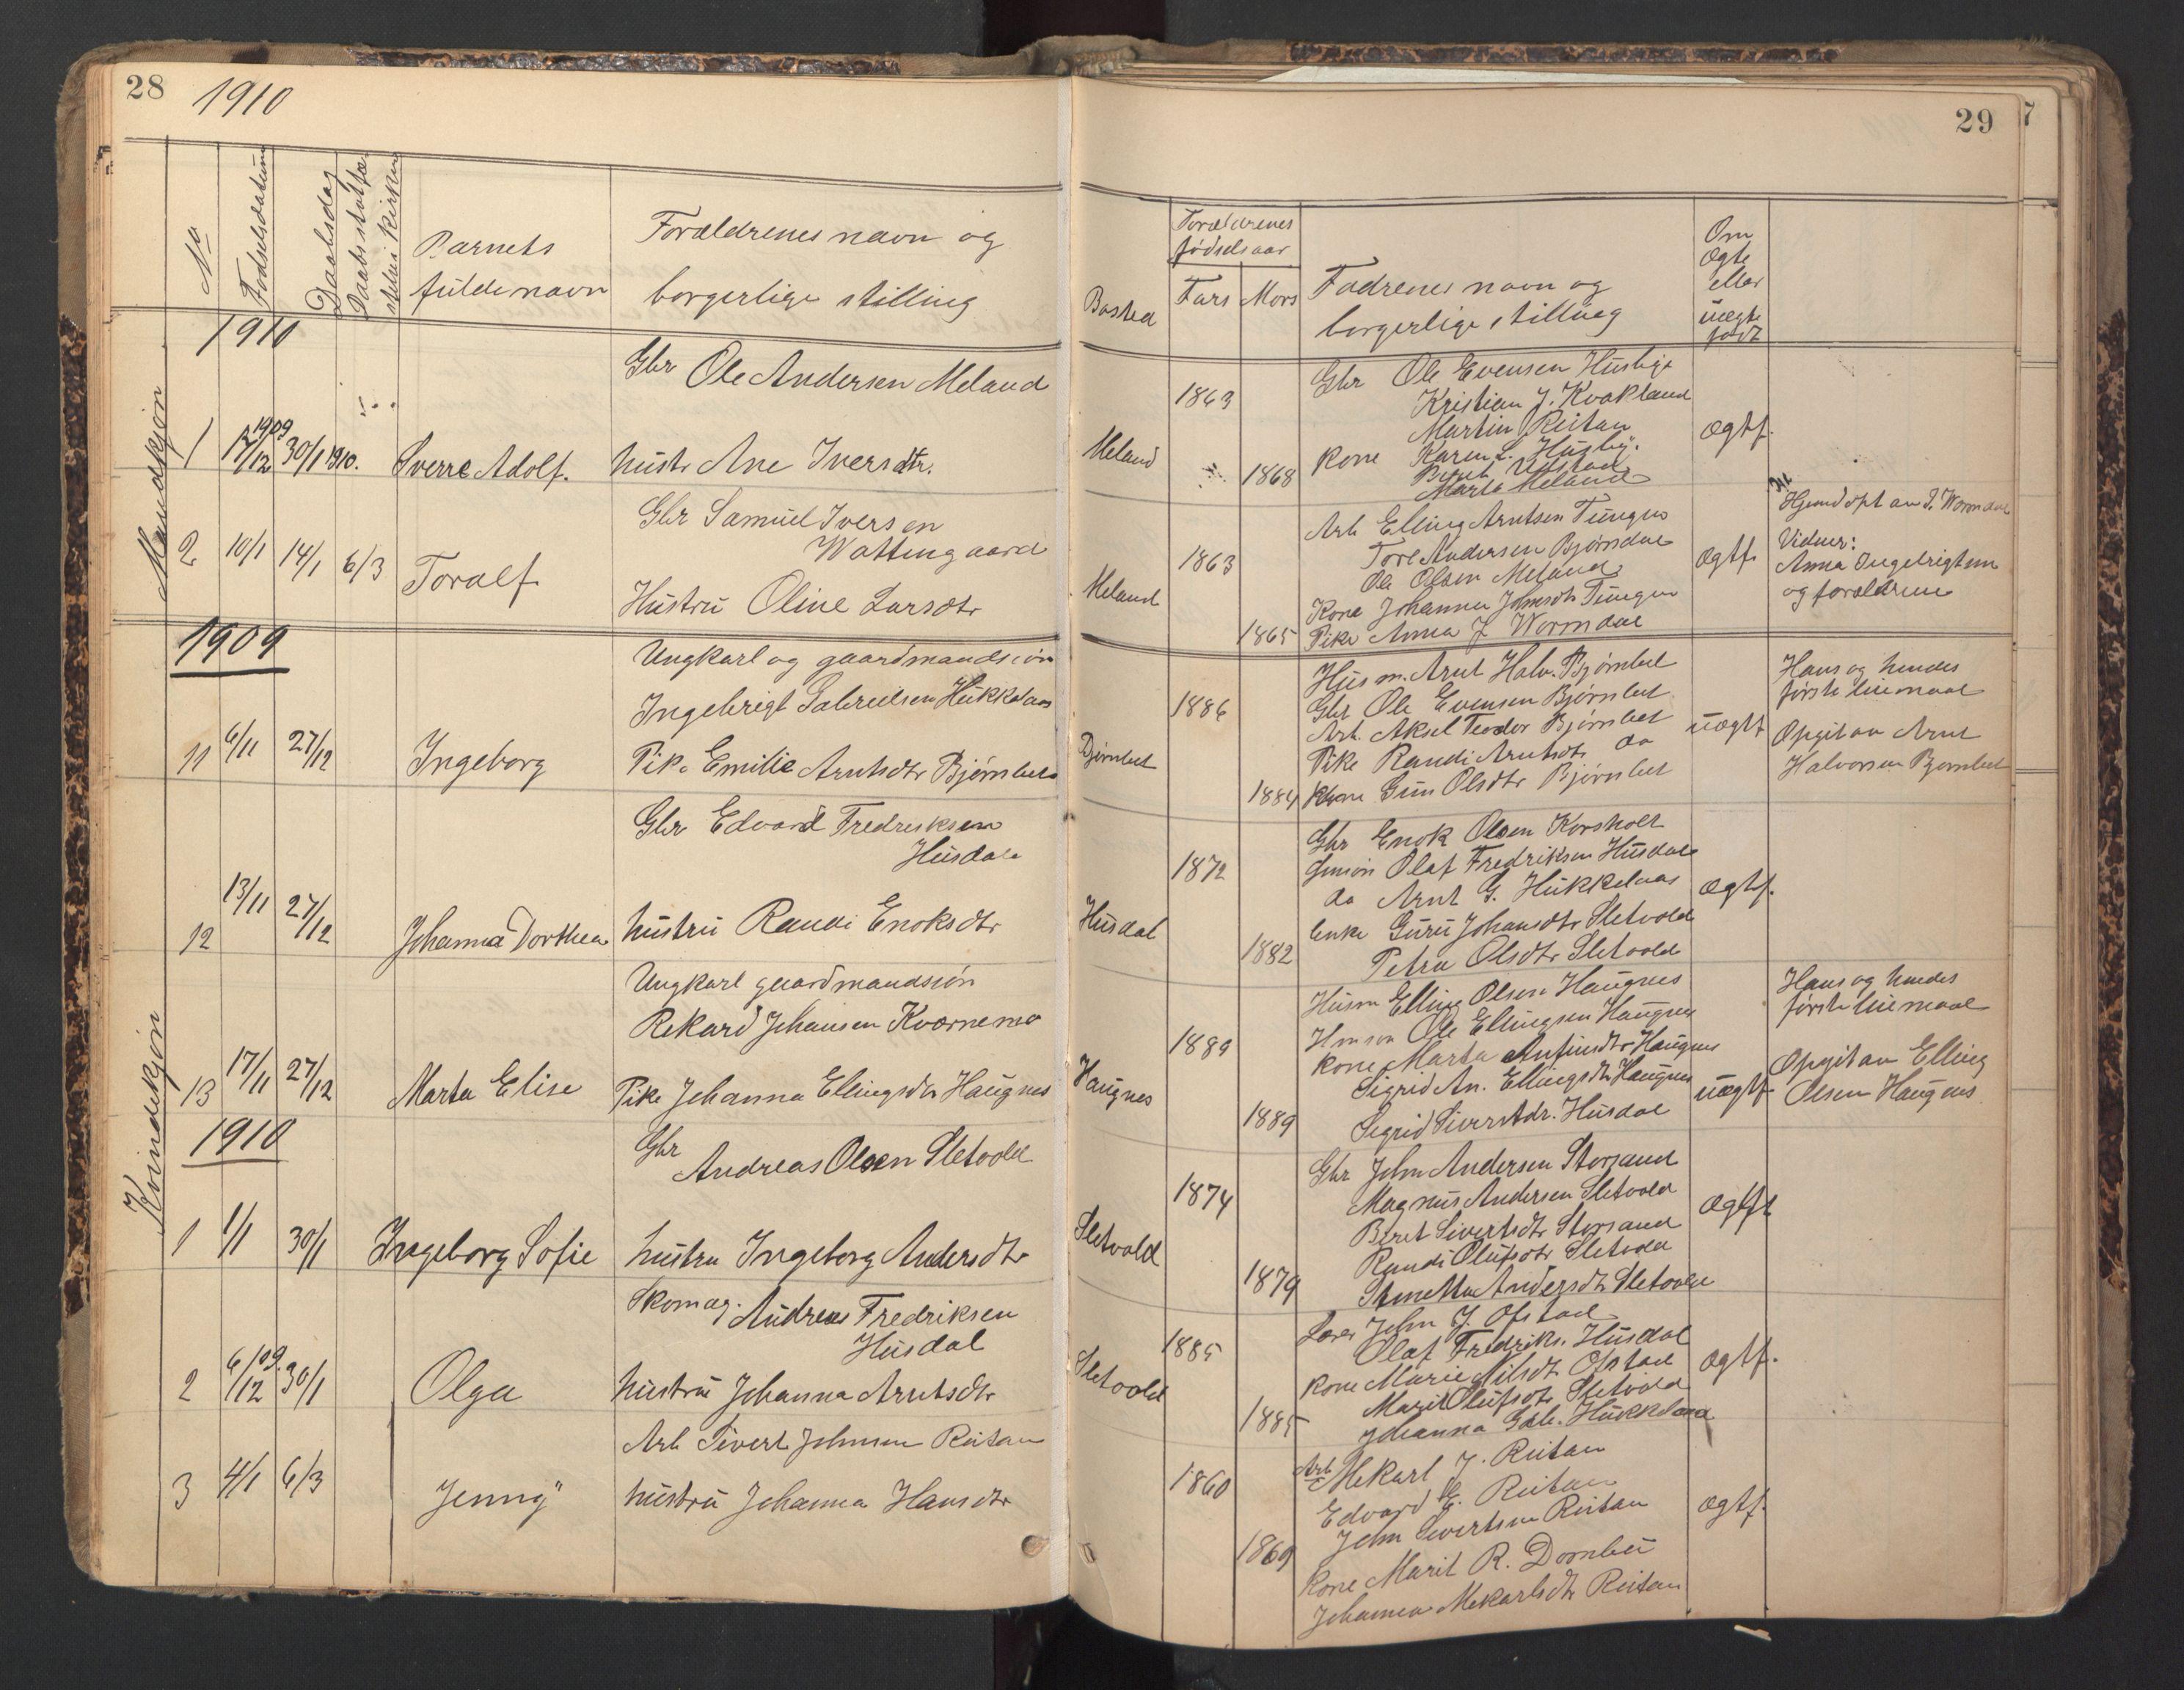 SAT, Ministerialprotokoller, klokkerbøker og fødselsregistre - Sør-Trøndelag, 670/L0837: Klokkerbok nr. 670C01, 1905-1946, s. 28-29